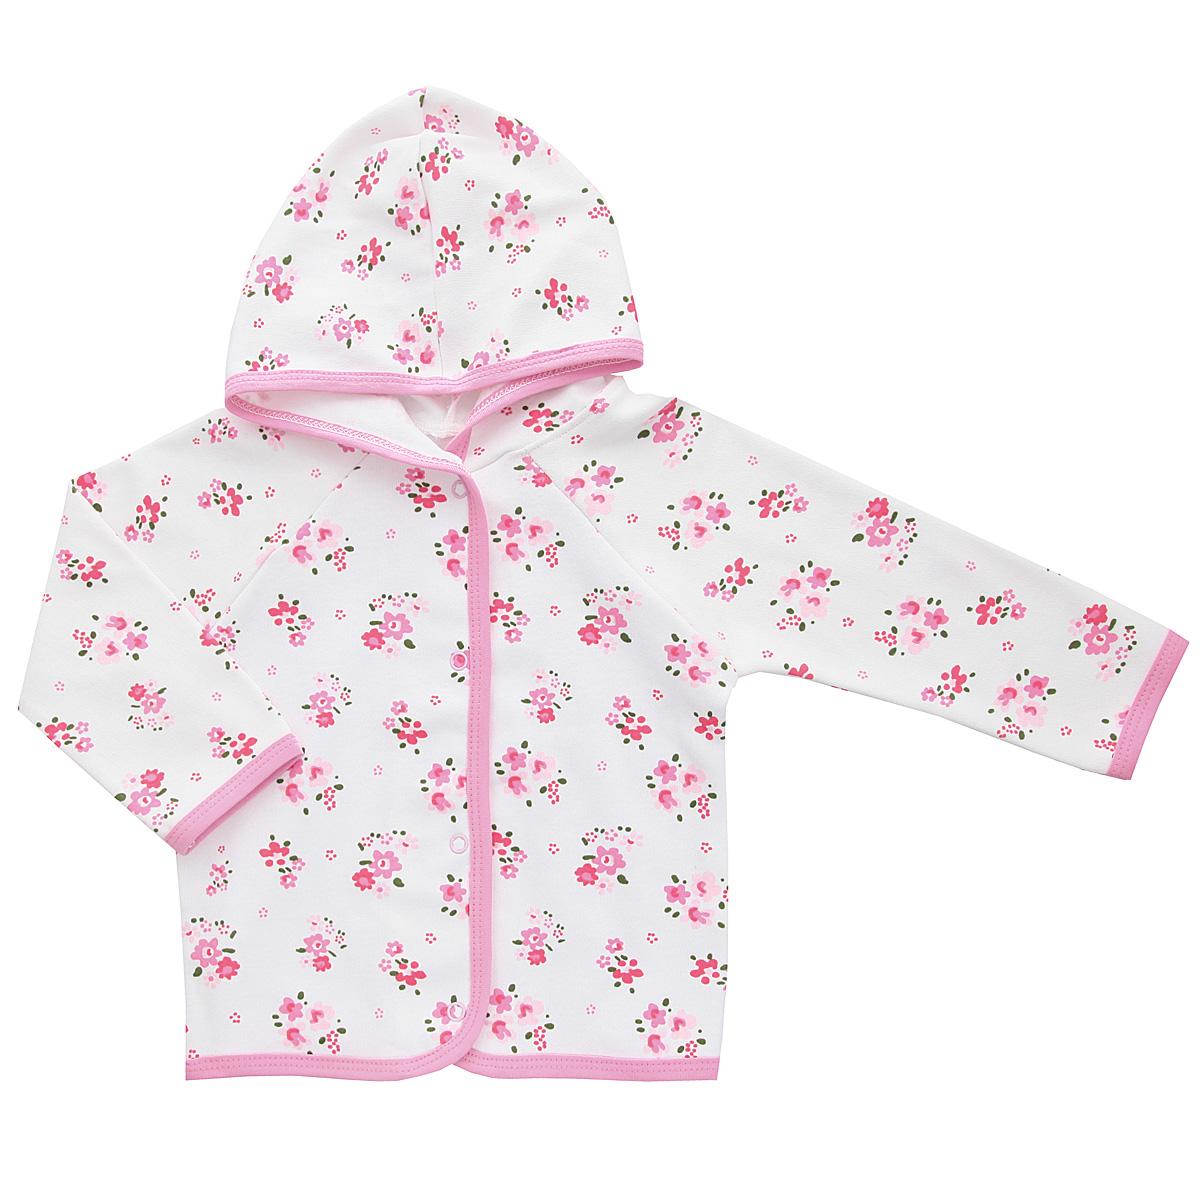 Кофточка для девочки Трон-плюс, цвет: белый, розовый. 5162_цветы. Размер 74, 9 месяцев5162_цветыУдобная кофточка для девочки Трон-плюс послужит идеальным дополнением к гардеробу вашей малышки, обеспечивая ему наибольший комфорт. Изготовленная из интерлока - натурального хлопка, она необычайно мягкая и легкая, не раздражает нежную кожу ребенка и хорошо вентилируется, а эластичные швы приятны телу ребенка и не препятствуют его движениям. Кофточка с капюшоном и длинными рукавами-реглан застегивается спереди на удобные застежки-кнопки, что помогает с легкостью переодеть ребенка. Окантовка капюшона, низ рукавов, планка и низ модели дополнены контрастной трикотажной бейкой. Оформлено изделие цветочным принтом. Кофточка полностью соответствует особенностям жизни ребенка в ранний период, не стесняя и не ограничивая его в движениях.